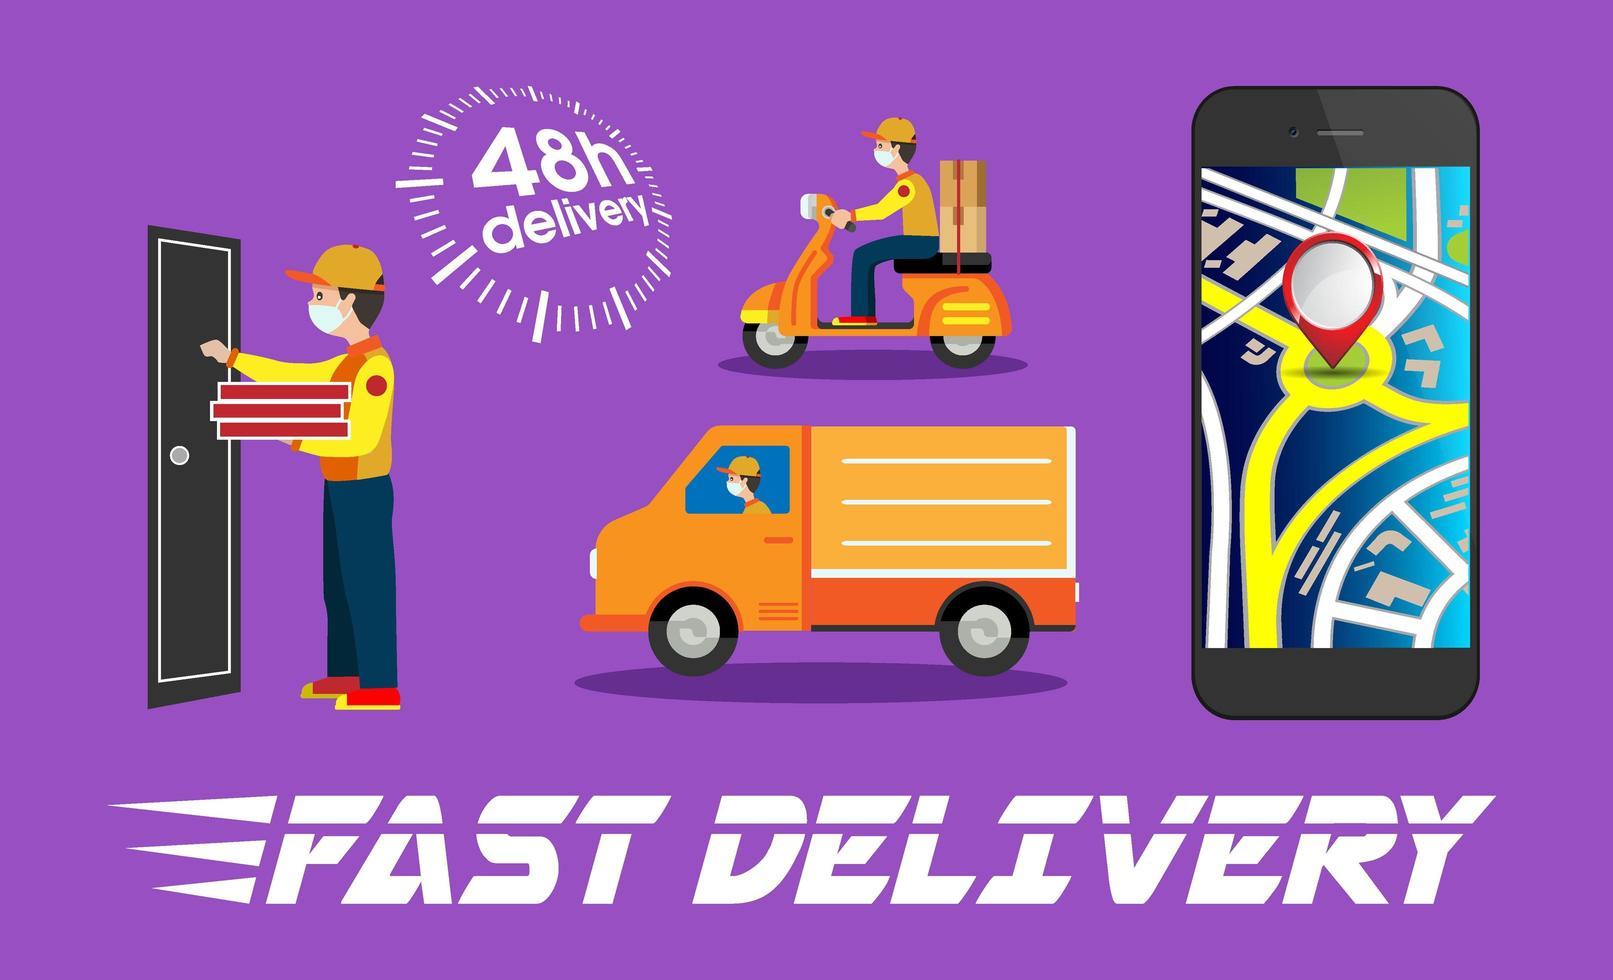 conjunto de elementos móviles de entrega de alimentos vector